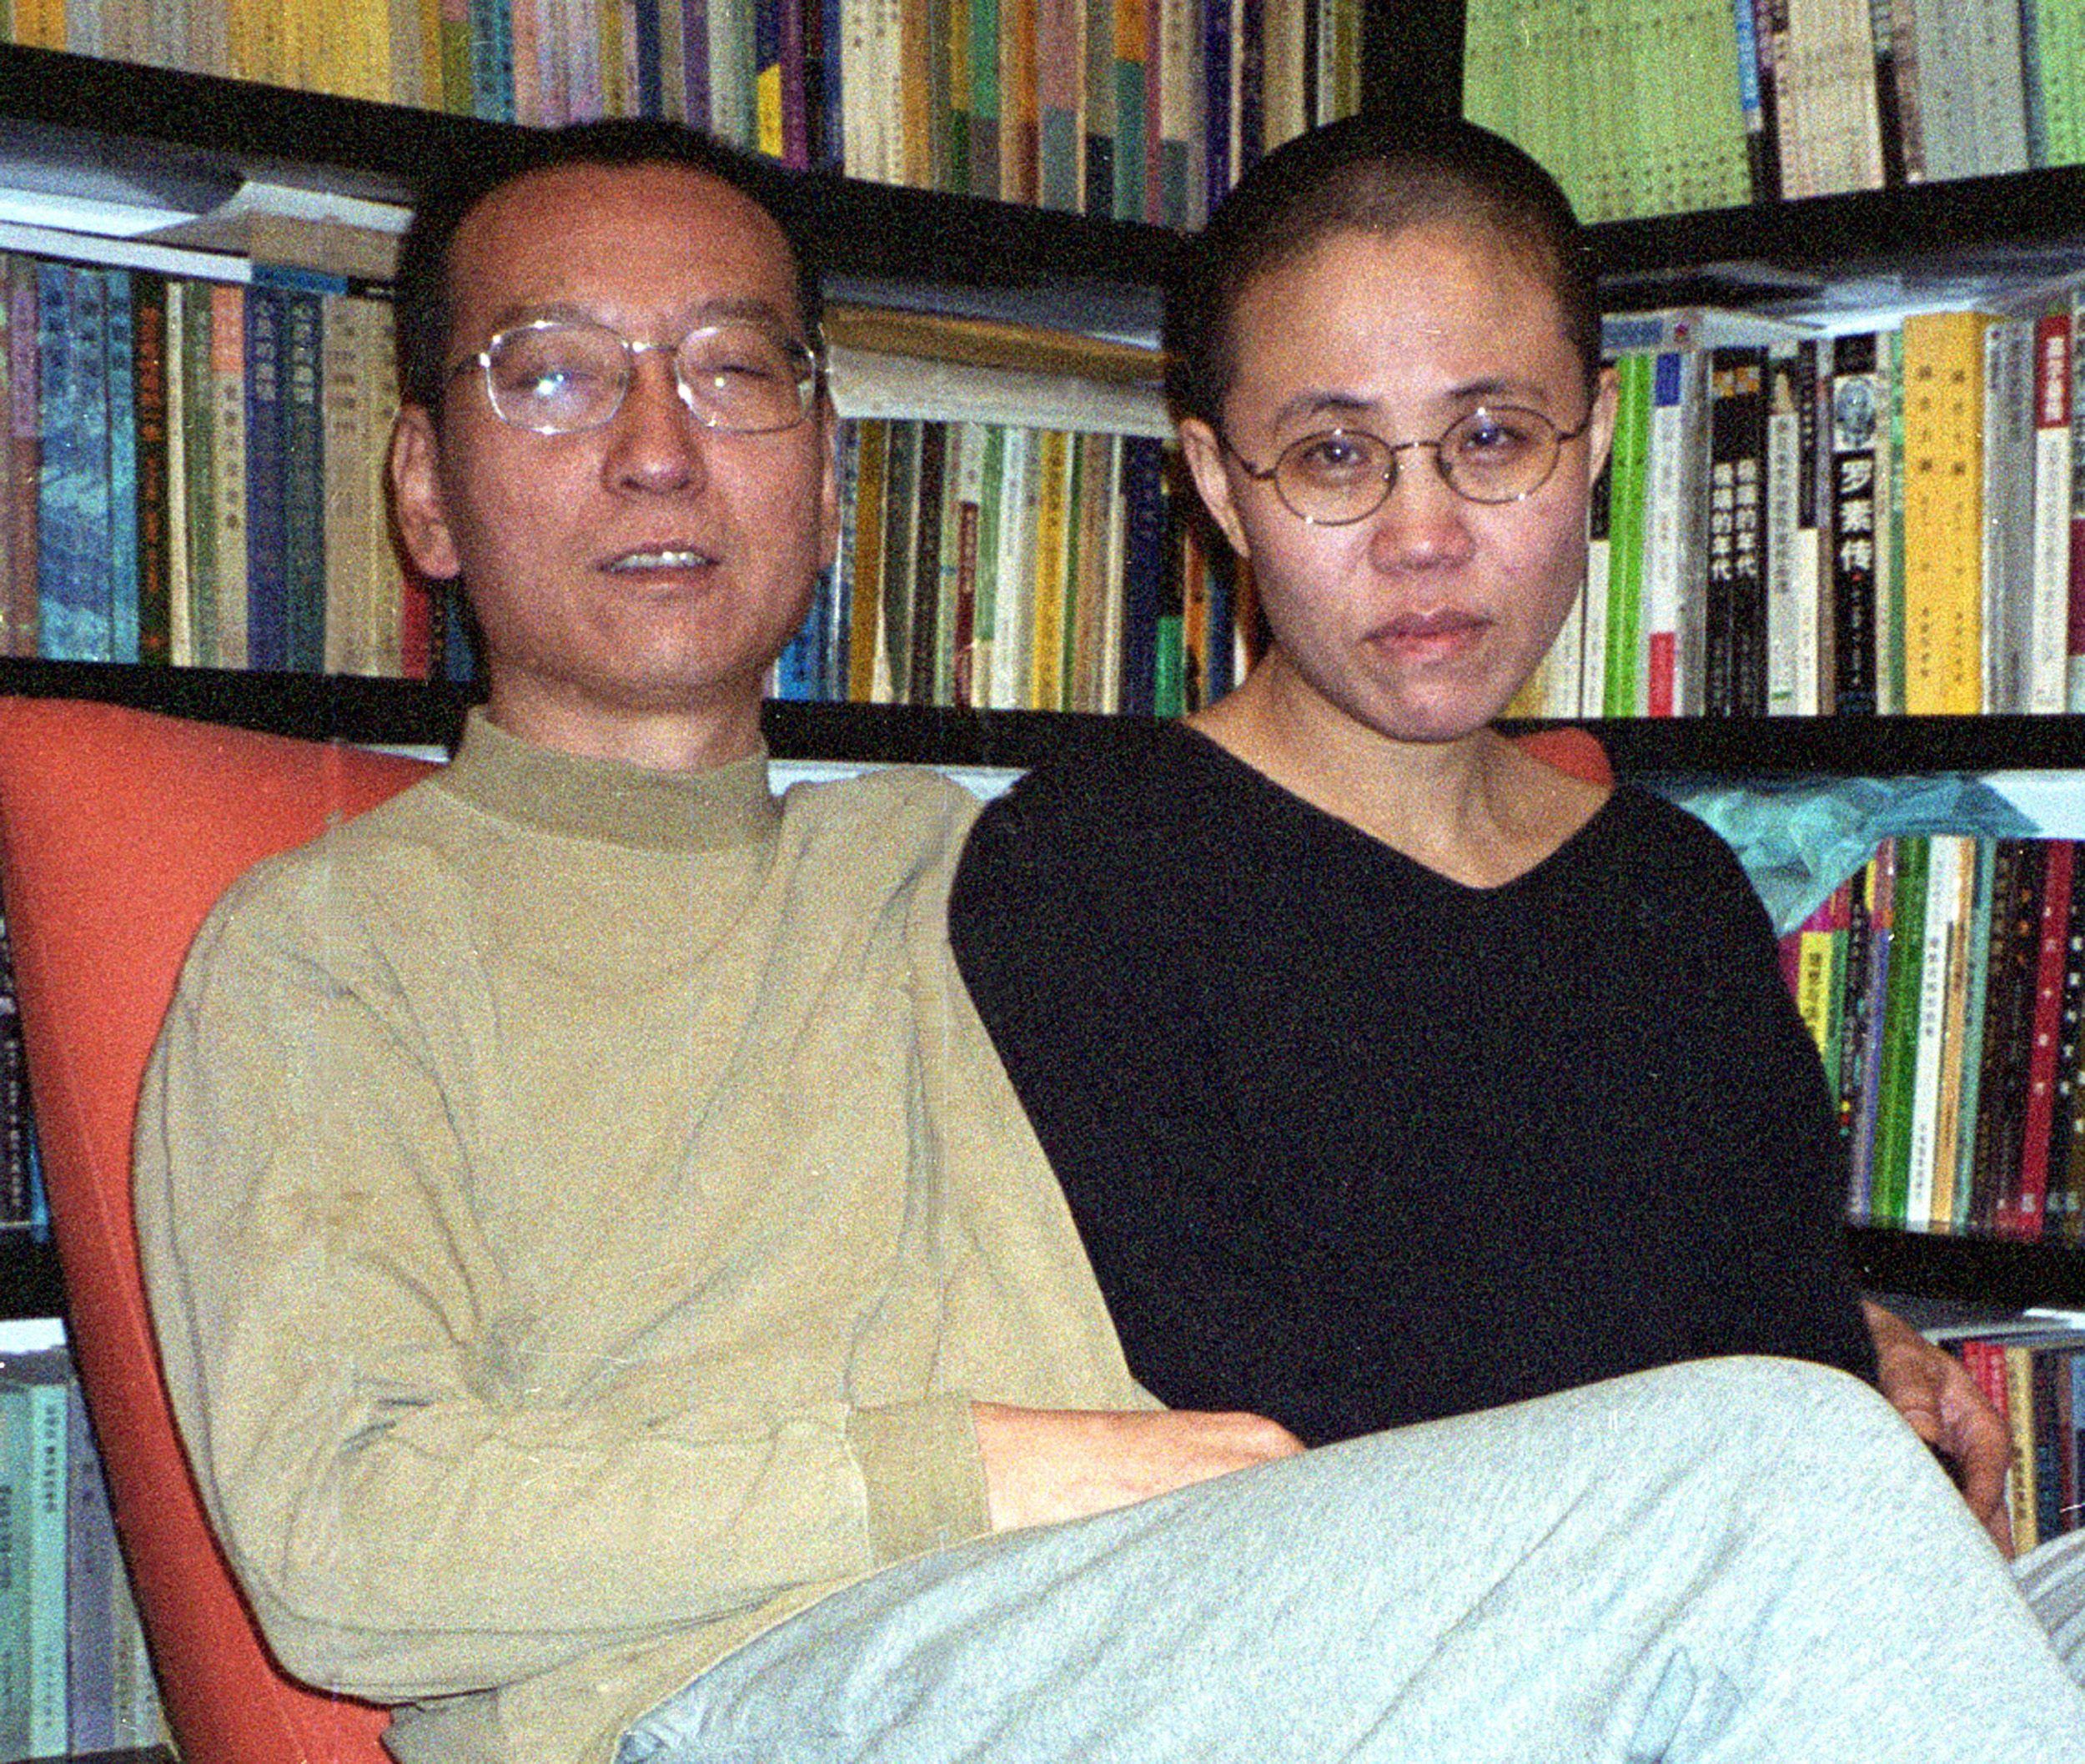 劉霞與丈夫劉曉波2008年攝於家中。(Getty Images)